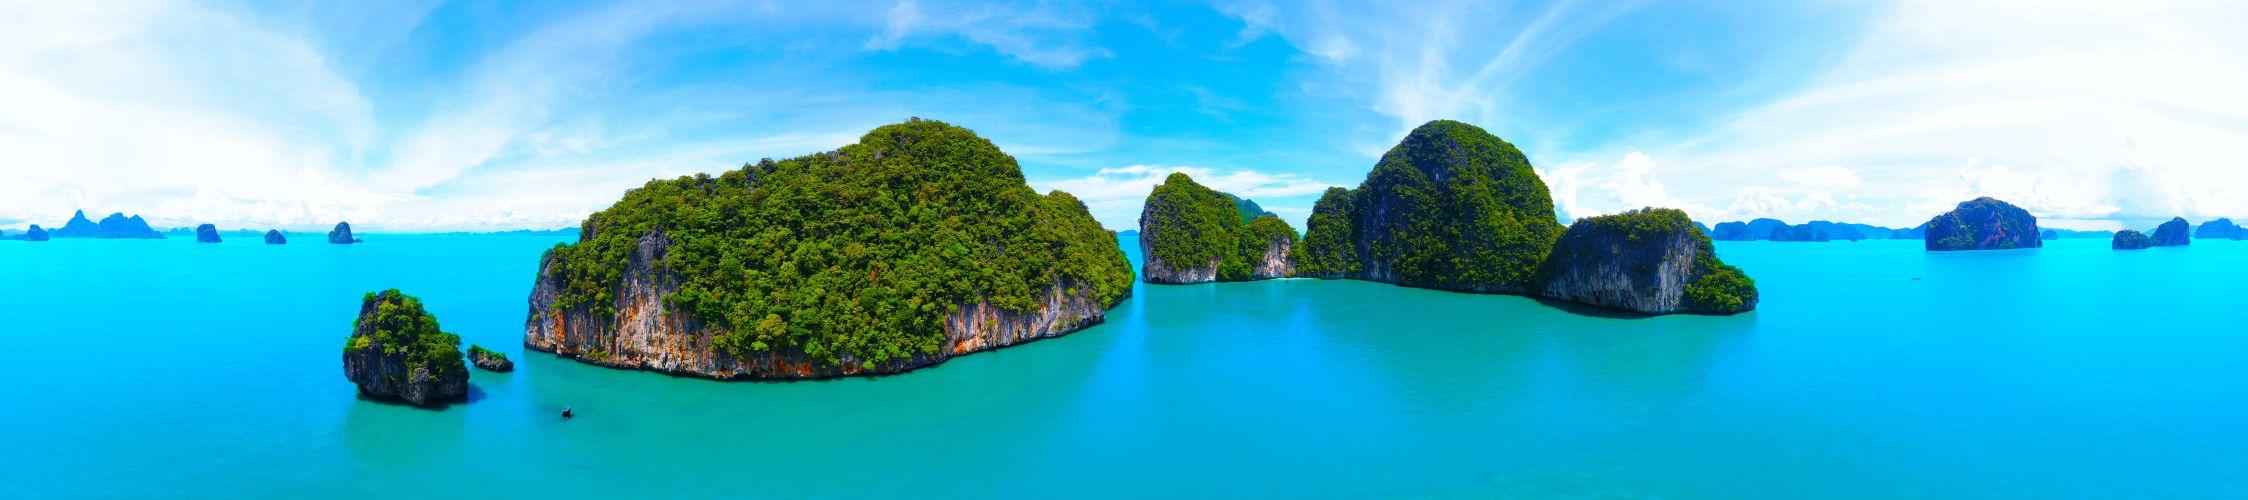 Gerelateerd blog artikel Top 10 Natuurlijke hoogtepunten in en om Phuket